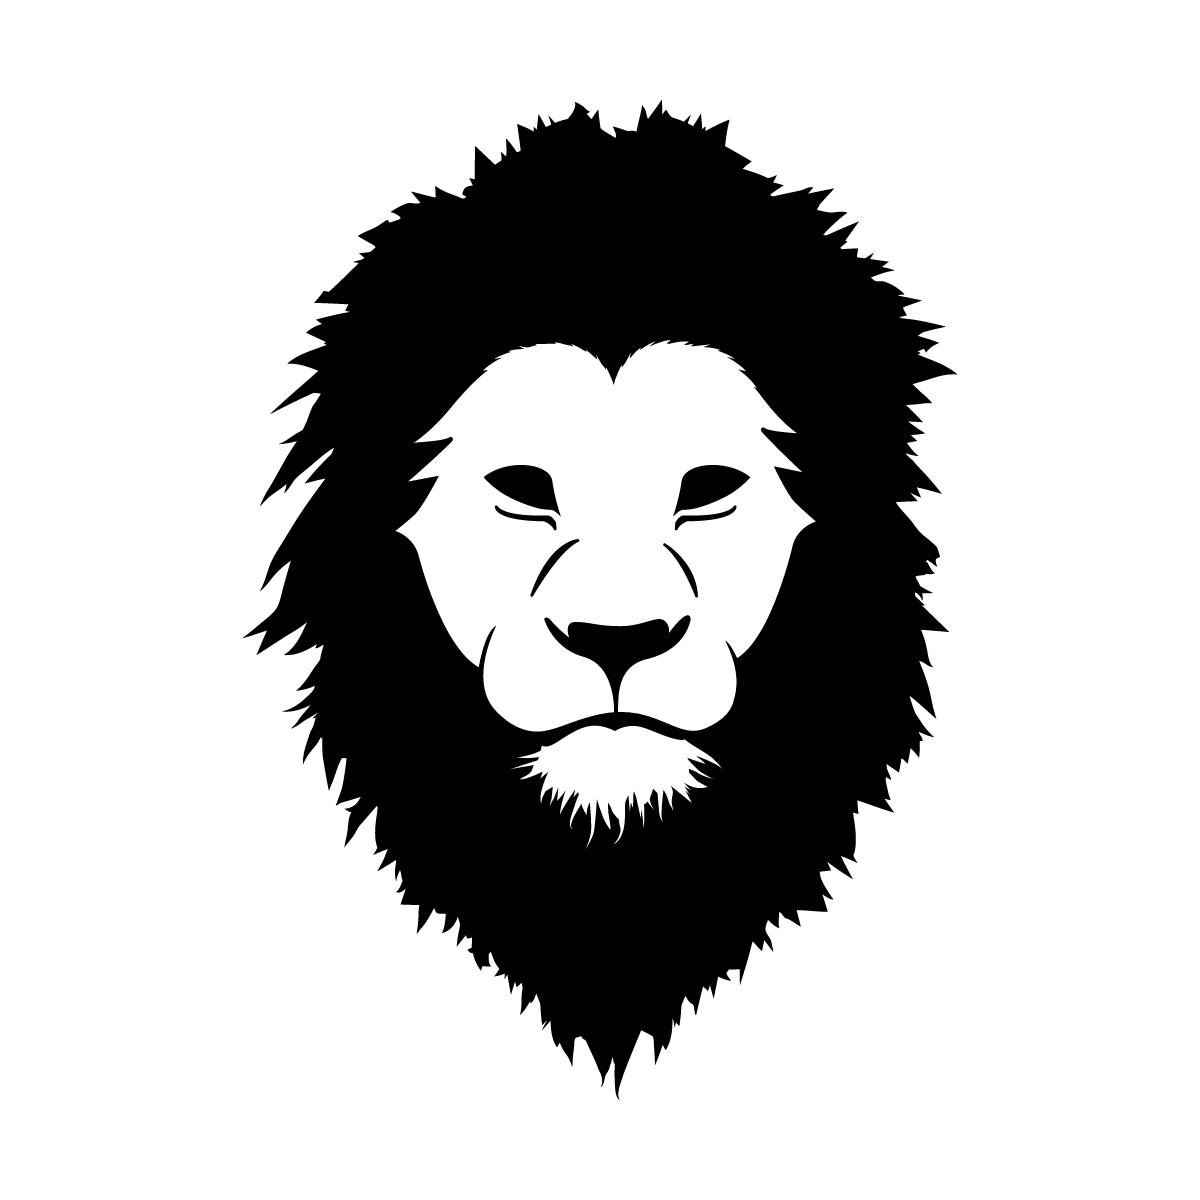 黒色のライオン シール ステッカー カッティングステッカー かっこいい 獅子 光沢タイプ・防水 耐水・屋外耐候3~4年